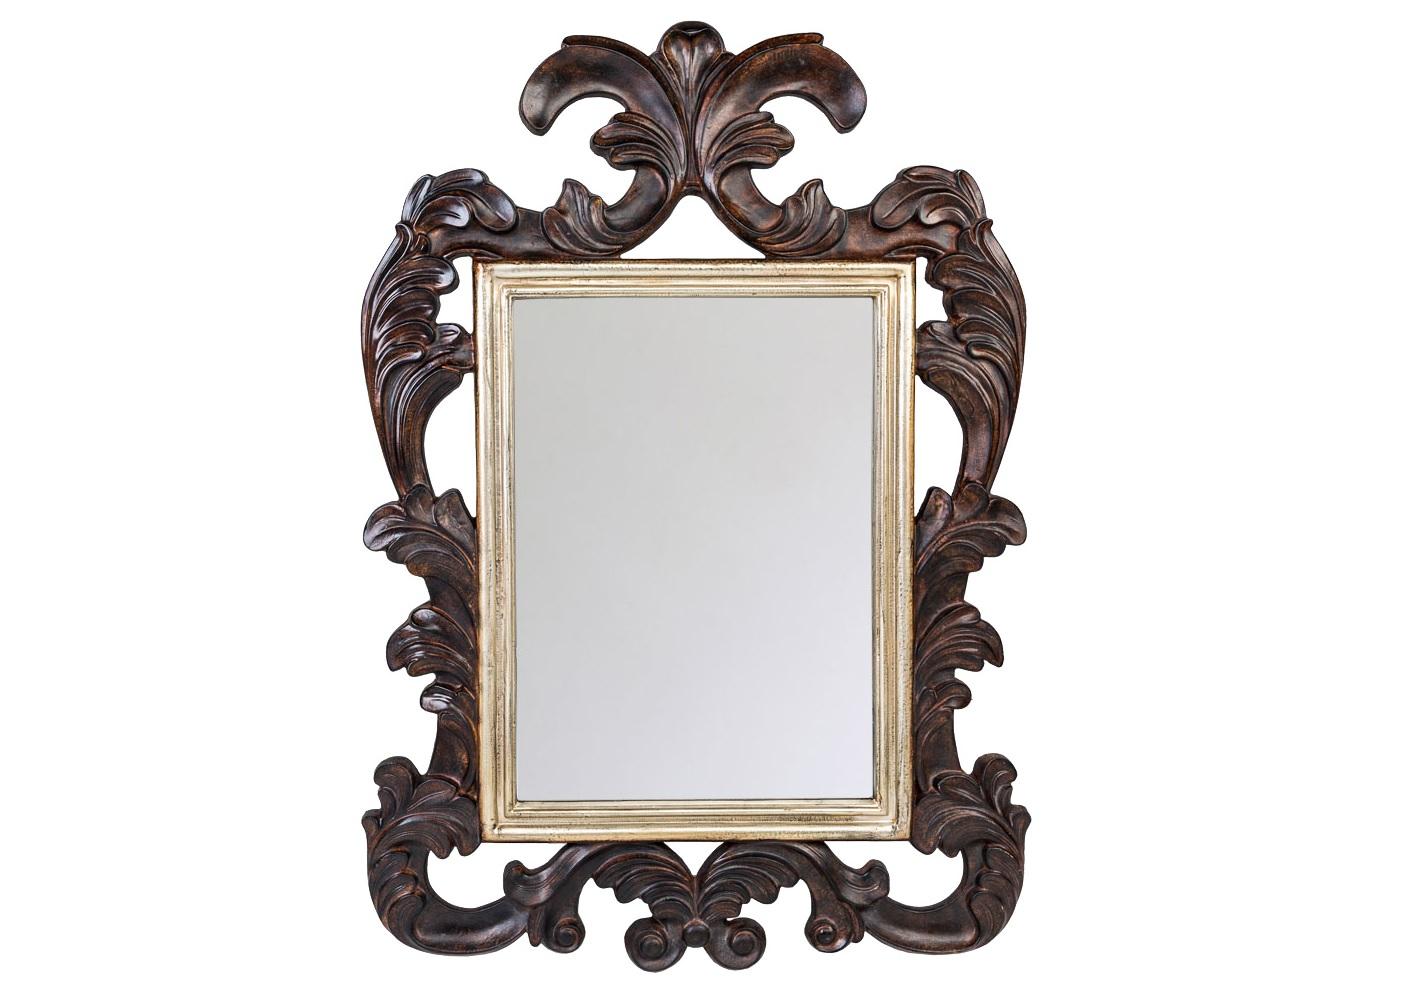 Настенное зеркало ШатлеНастенные зеркала<br>Античные мотивы зеркала &amp;quot;Шатле&amp;quot; близки многим интерьерным формулам. Своё отражение в нем найдут готический, романский, греческий, кельтский, арабский стили, французский классицизм, ренессанс и ампир. Строгую прямоугольную основу примут современные жанры &amp;quot;модерн&amp;quot; и &amp;quot;лофт&amp;quot;. Зеркало покрыто серебряной амальгамой. Рама изготовлена из полиуретана, - экологически безвредного, прочного и долговечного материала. Этот материал стоек к влаге и солнечному свету, краски не тускнеют и не выгорают.<br><br>Material: Полиуретан<br>Width см: 129.5<br>Depth см: 3.5<br>Height см: 89